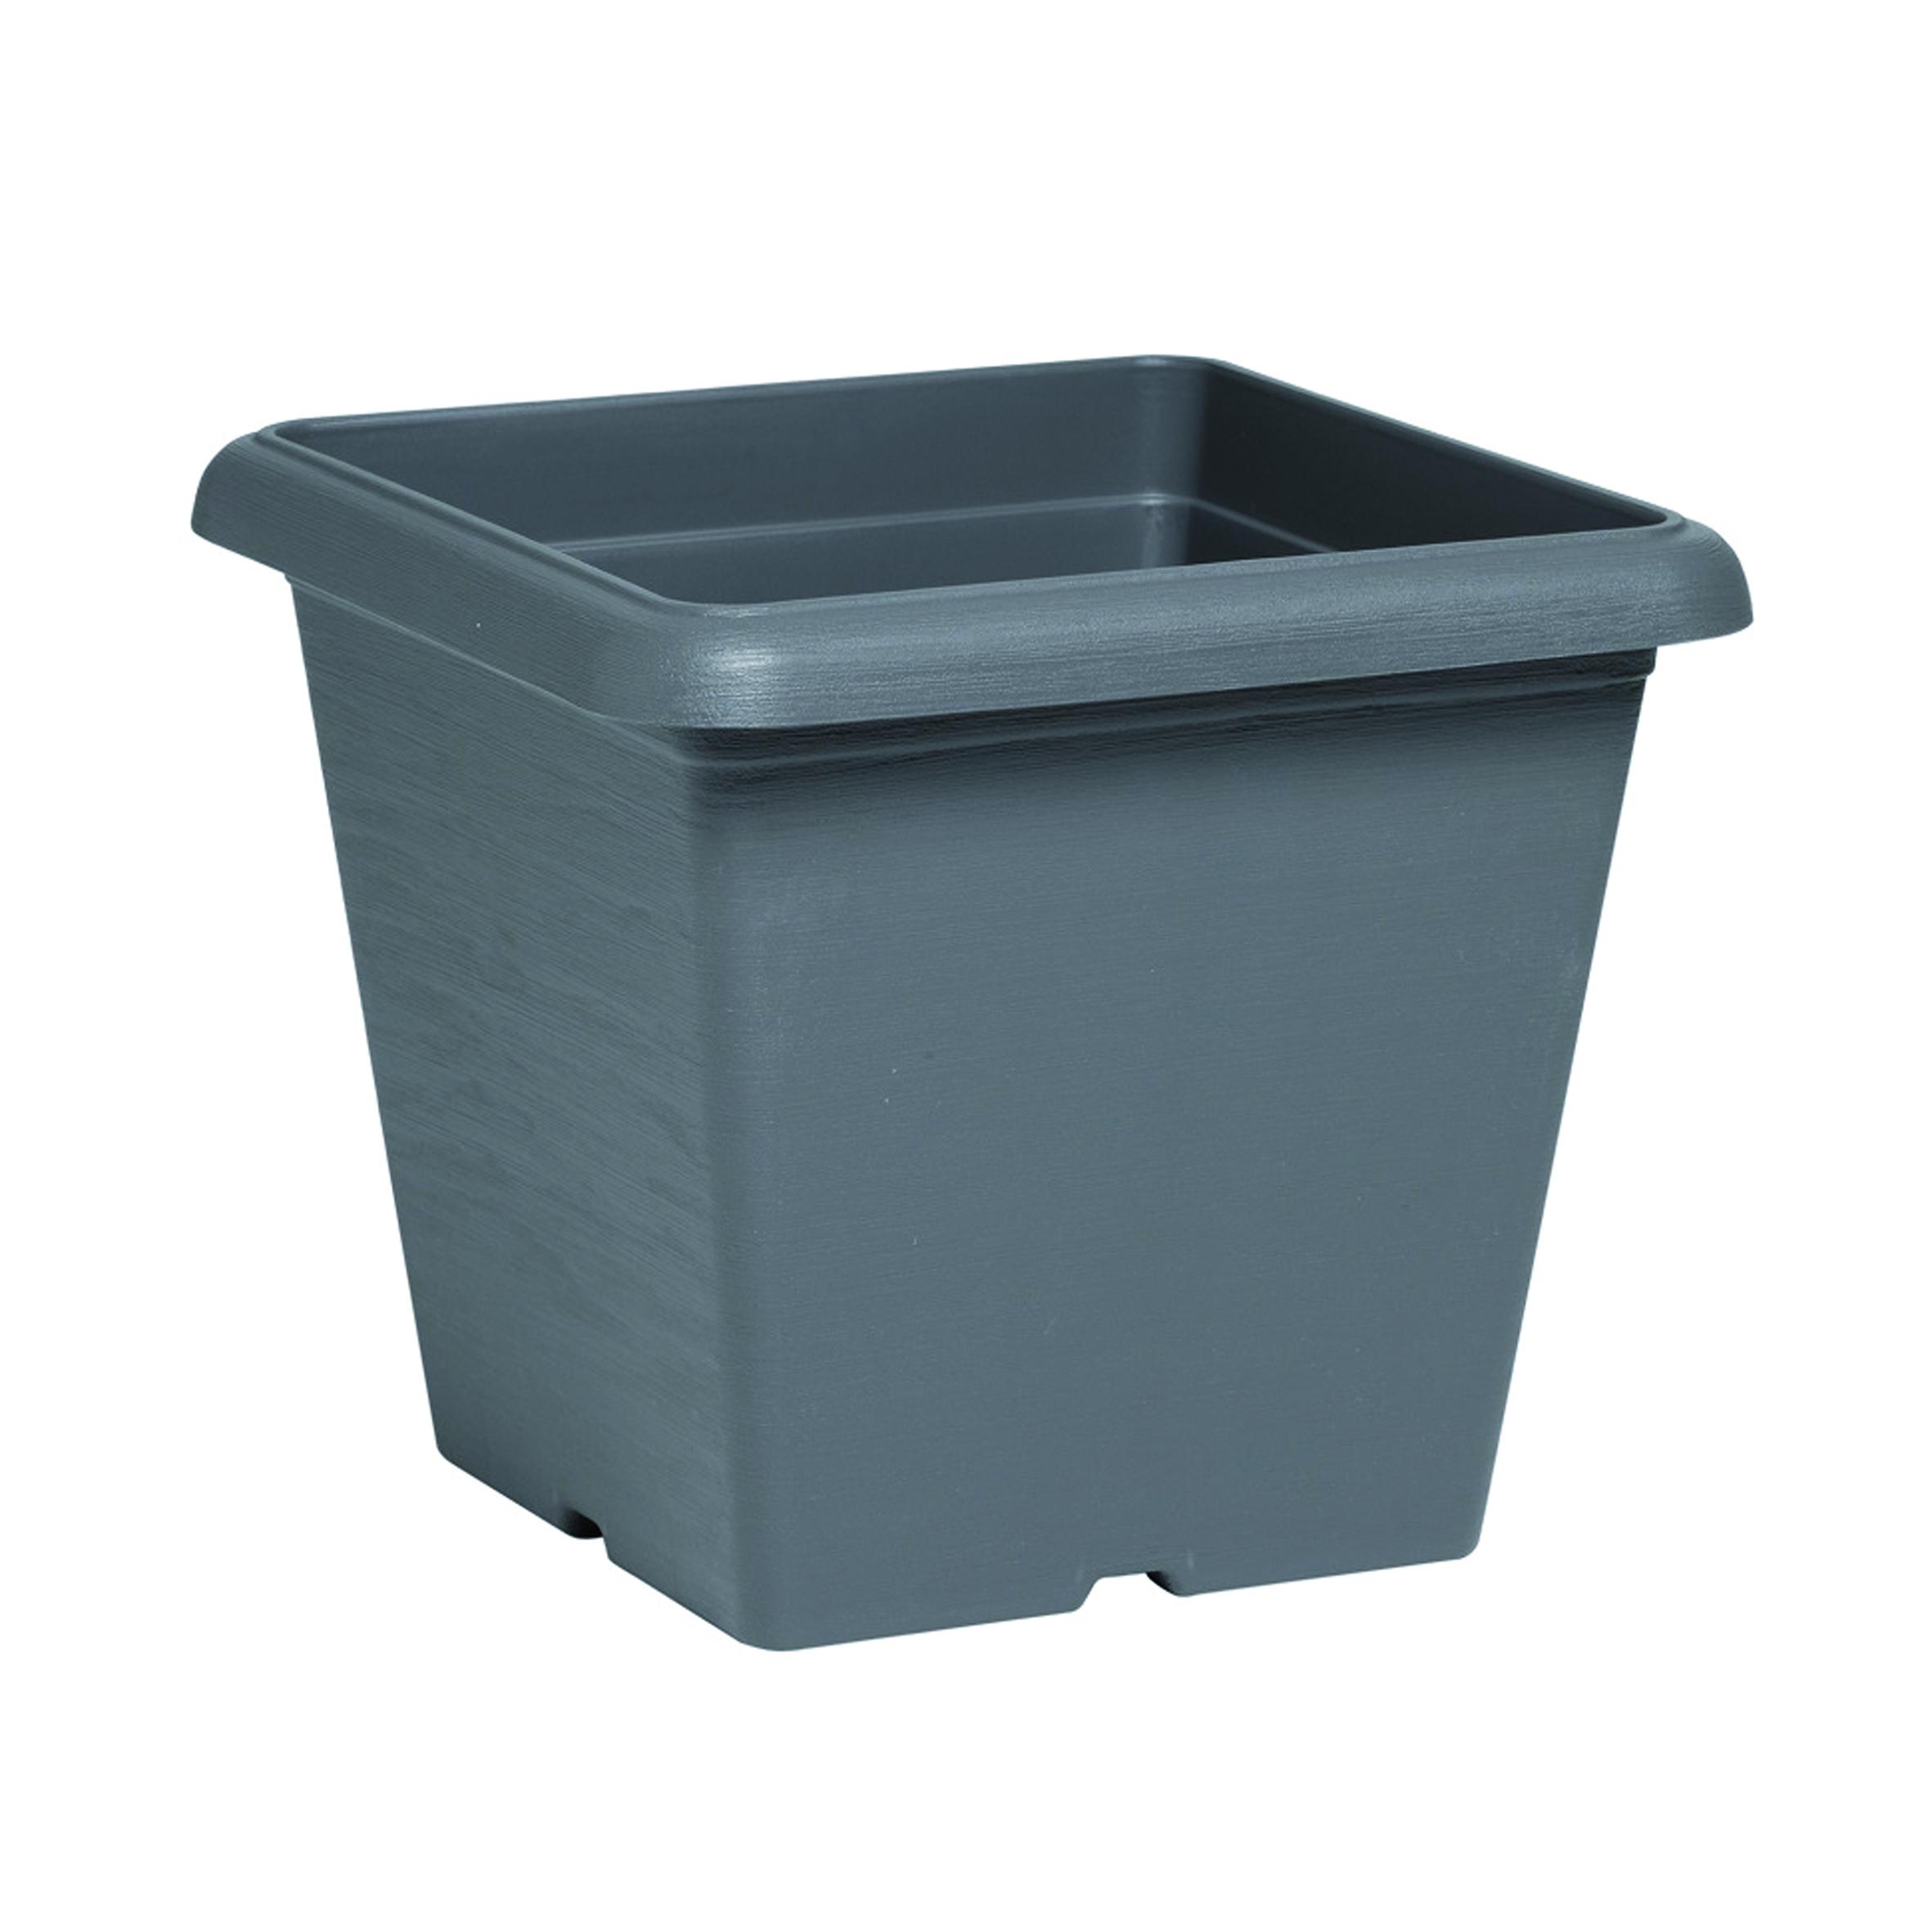 Vaso Terrae in polipropilene colore grigio H 21 cm, L 25 x P 25 cm